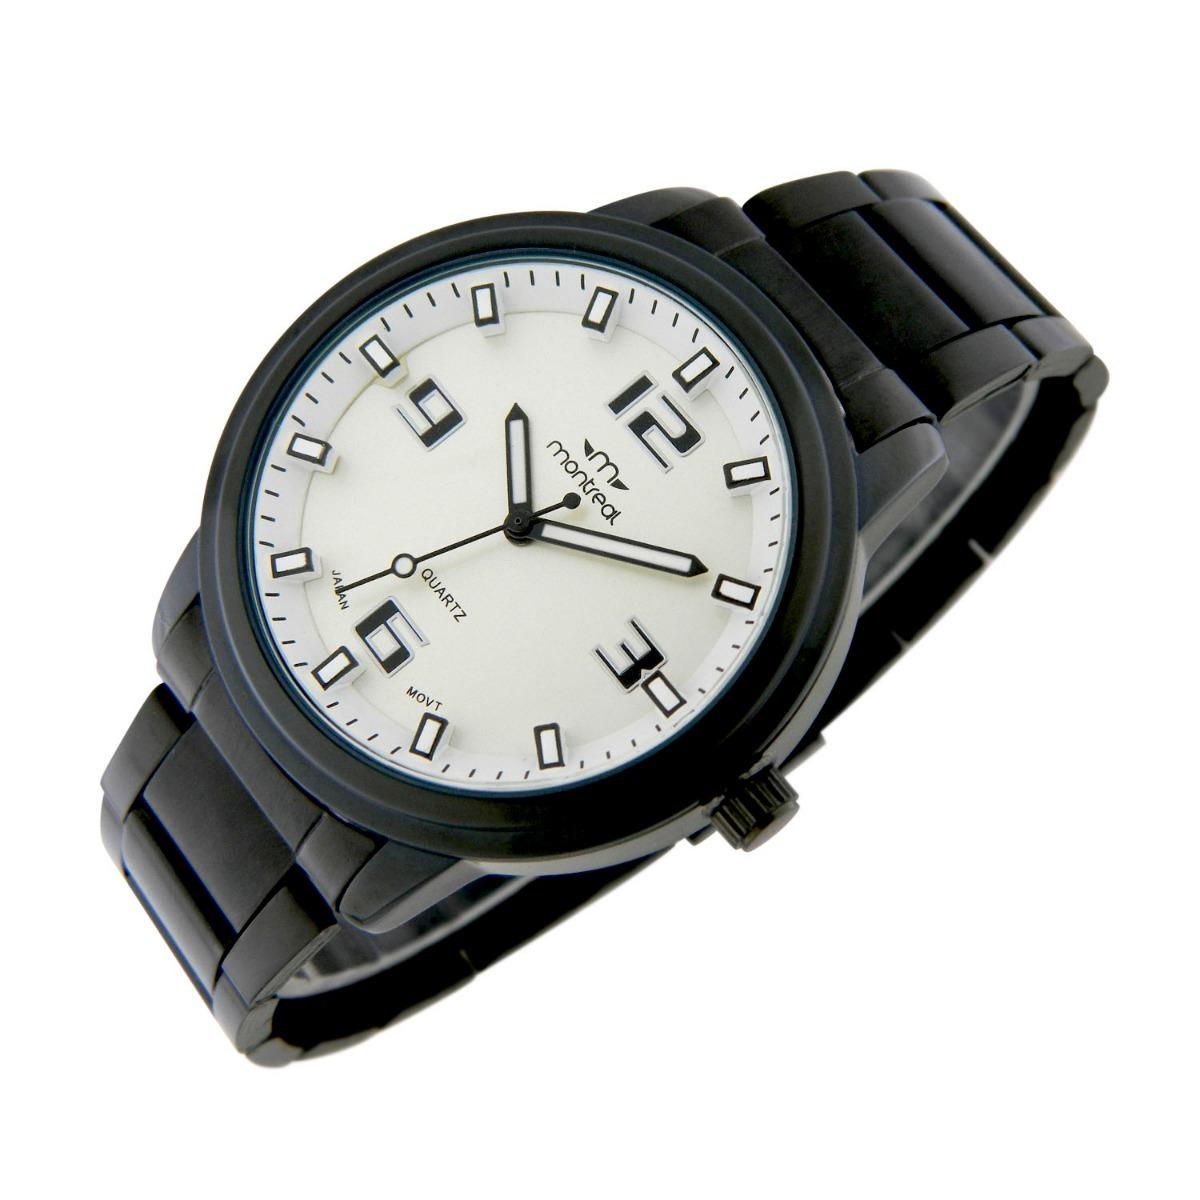 60644bdf467f Reloj Montreal Hombre Ml268 Tienda Oficial Envío Gratis -   1.499